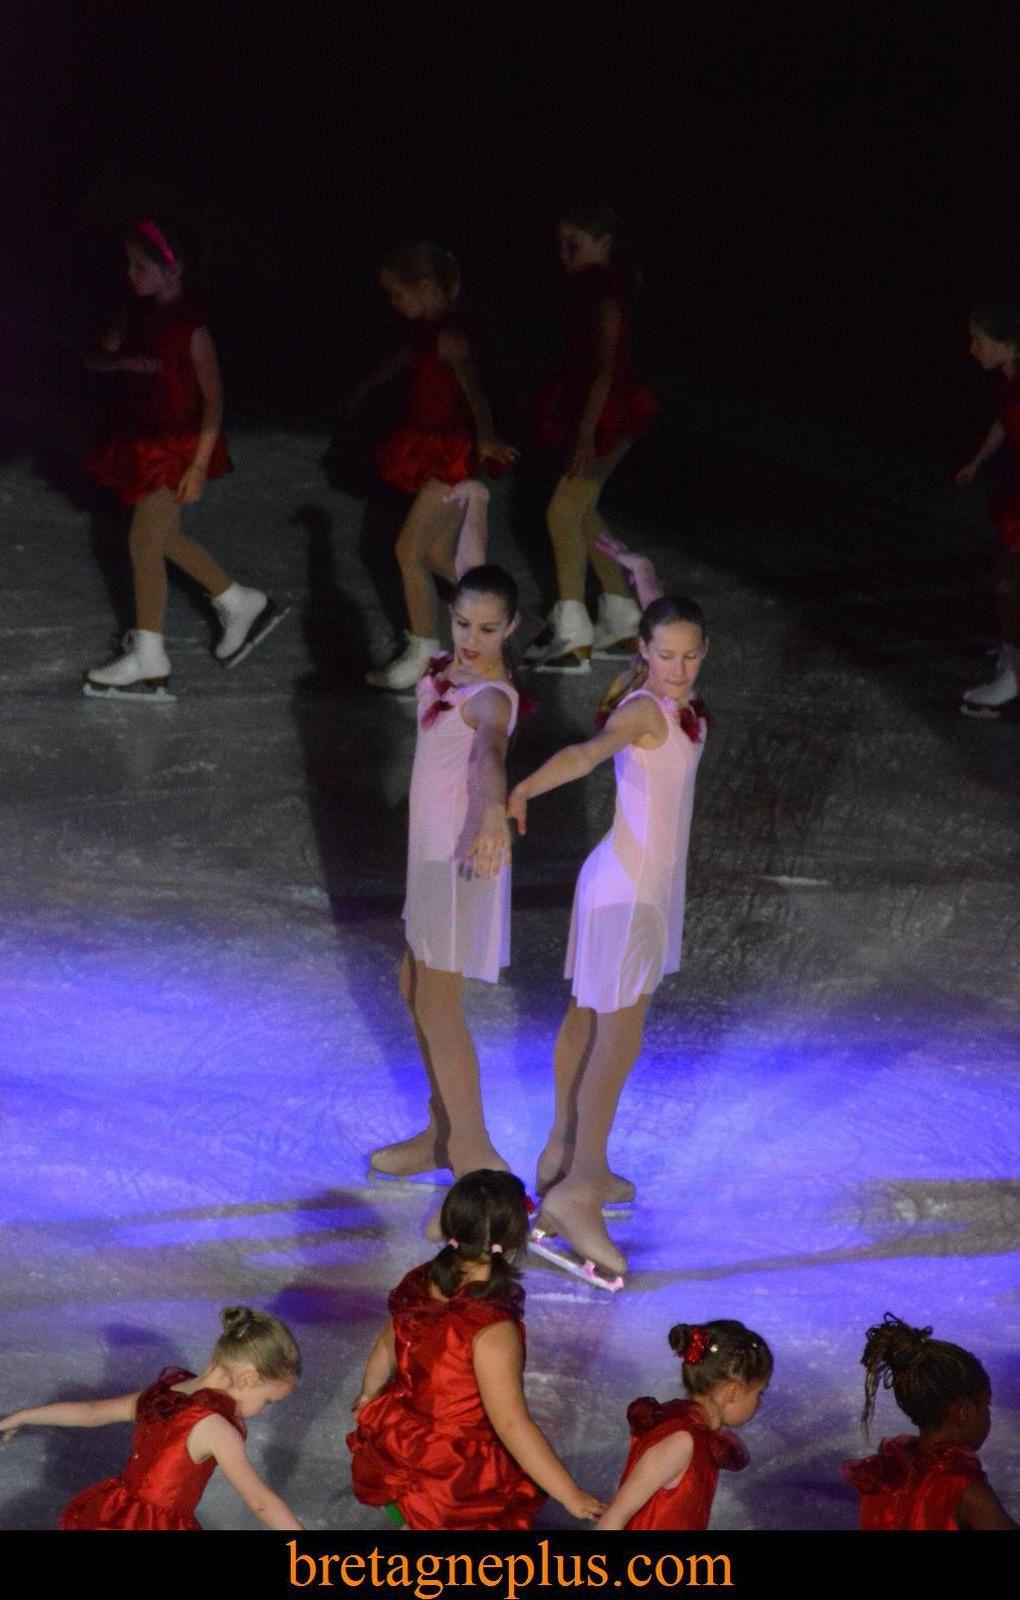 Gala de Patinage artistique du Club des Sports de Glace Rennes 2015